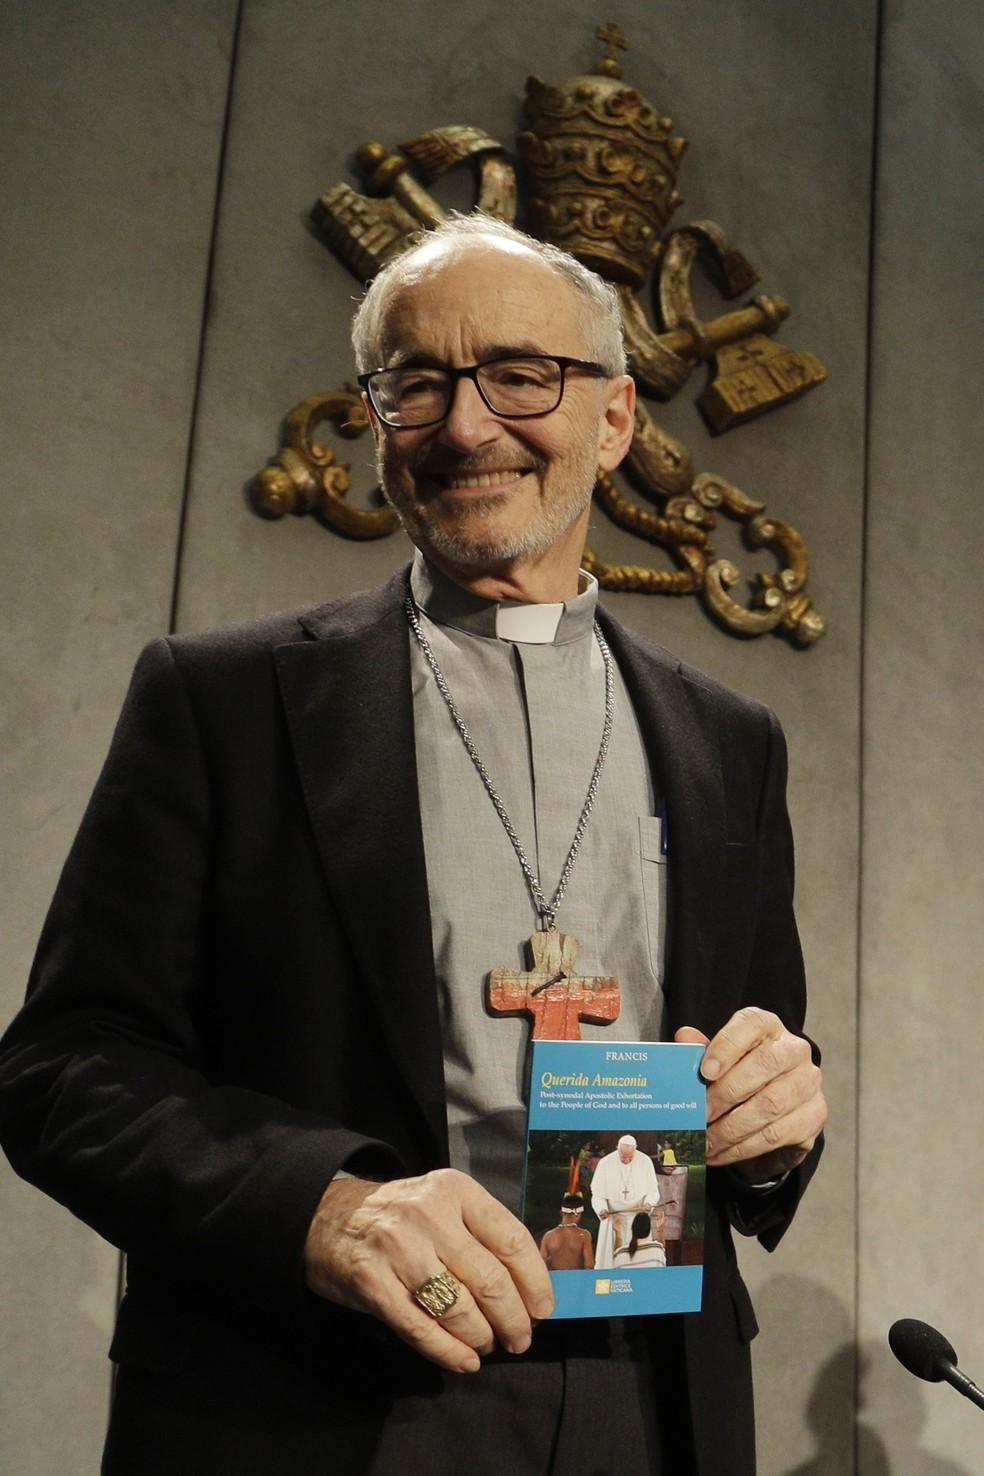 O cardeal Michael Czerny segura uma cópia da exortação apostólica pós-sínodo da Amazônia em uma coletiva de imprensa no Vaticano nesta quarta (12). — Foto: Gregorio Borgia/AP